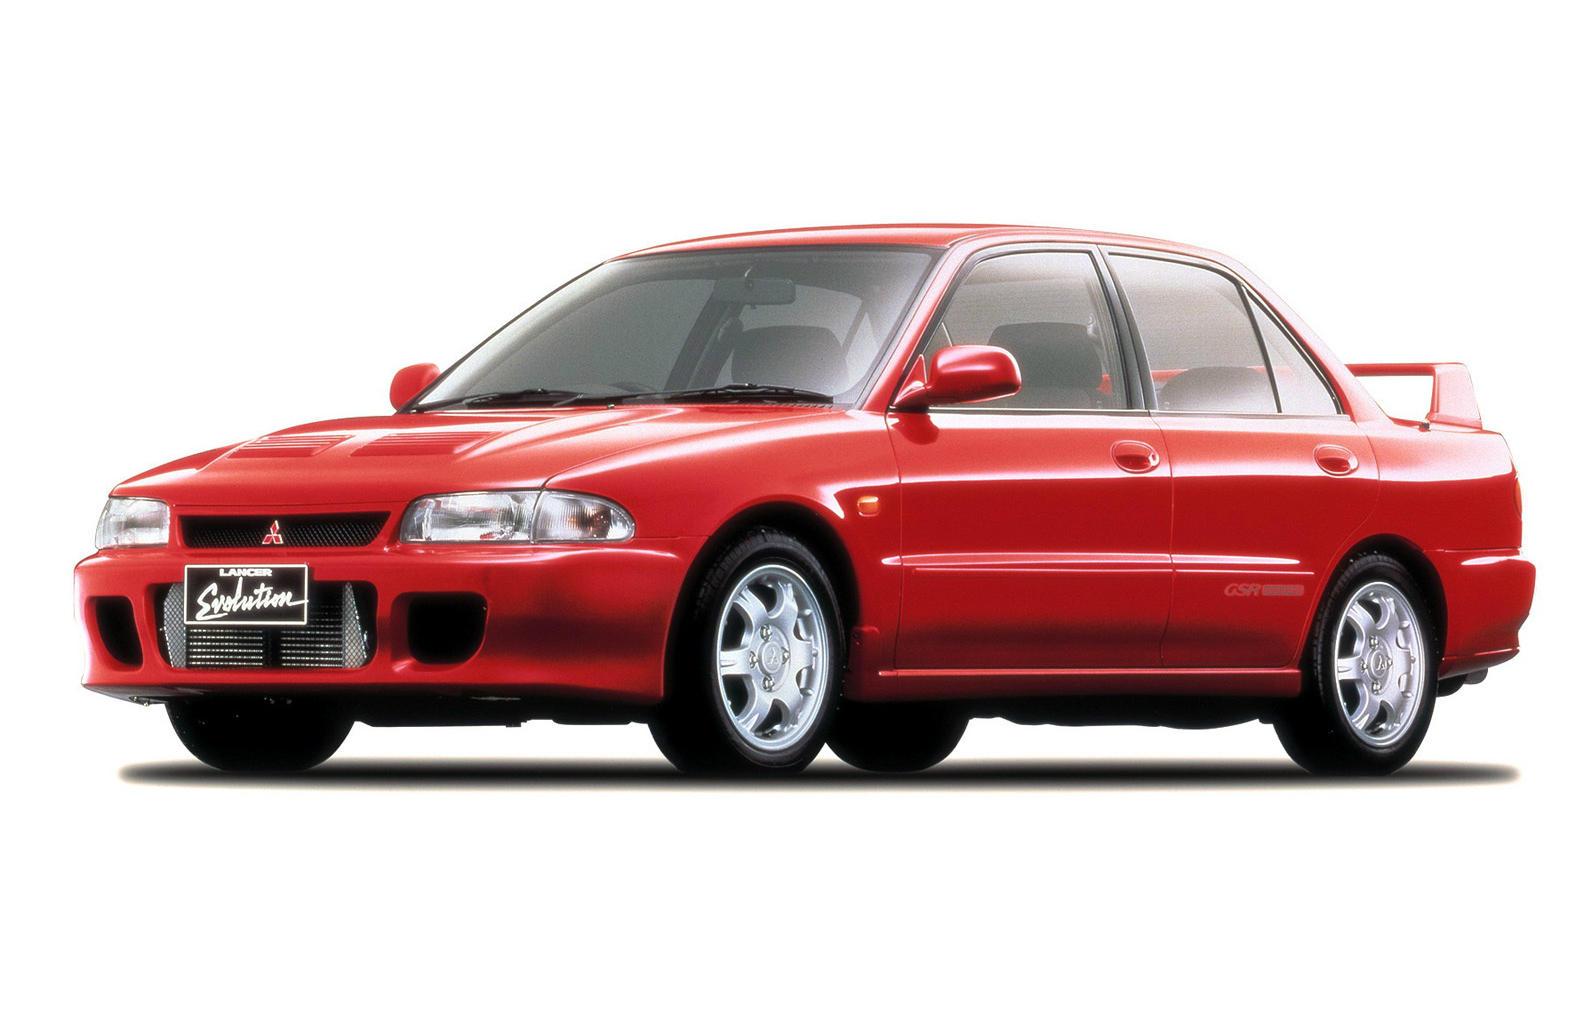 Toate generatiile de Mitsubishi Lancer EVO: care ti se pare cea mai reusita? - Toate generatiile de Mitsubishi Lancer EVO: care ti se pare cea mai reusita?